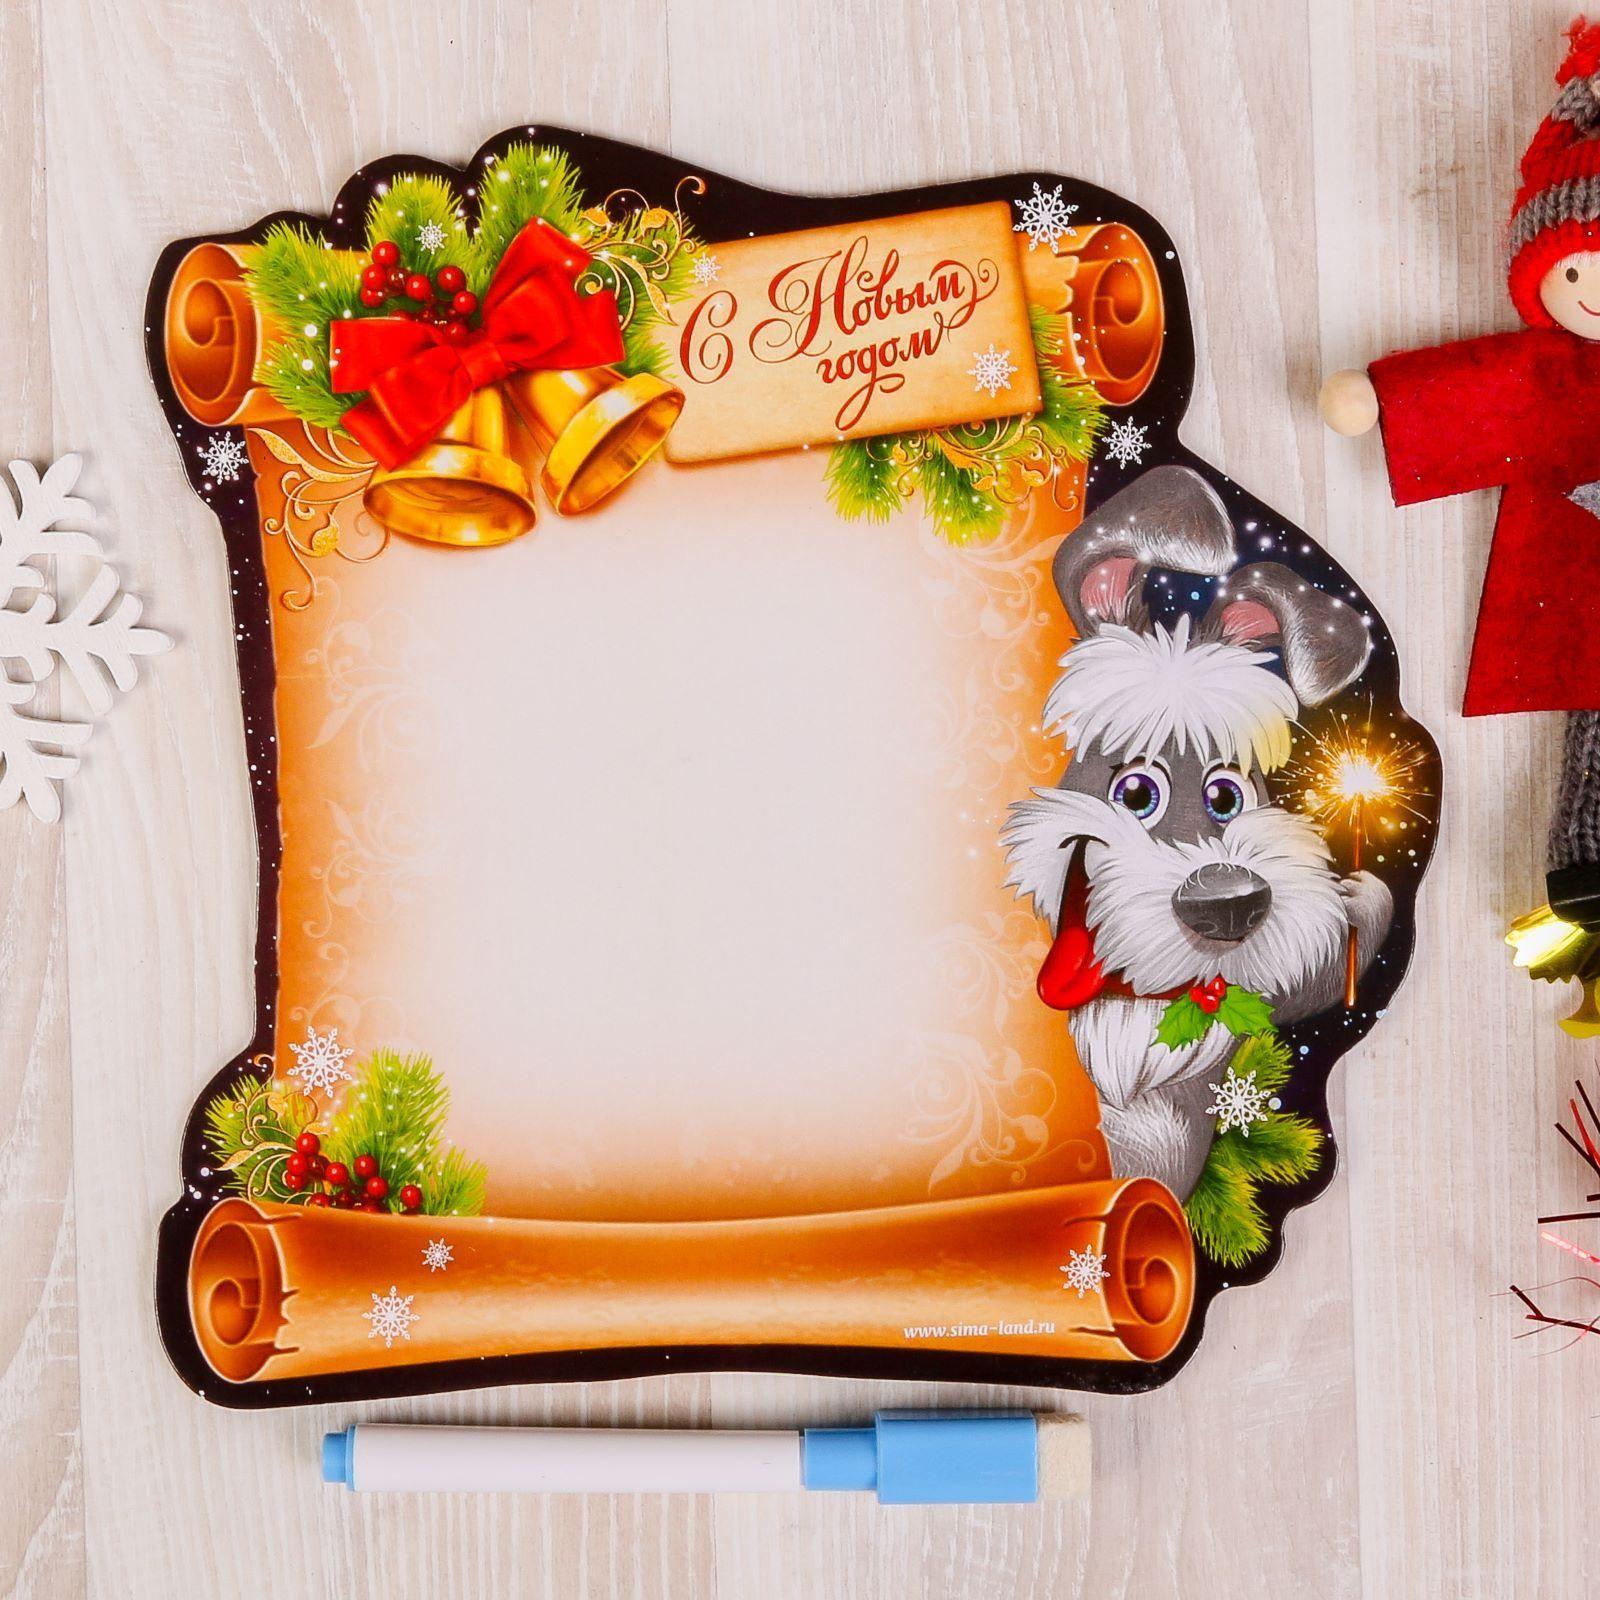 Доска магнитная Sima-land С Новым годом, 20 х 20 см. 21962182196218Порадуйте родных и близких оригинальным сувениром: преподнесите в подарок магнит. С ним даже самый серьёзный человек почувствует себя ребёнком, ожидающим чудо! Создайте праздничное настроение, и оно останется с вами на весь год.